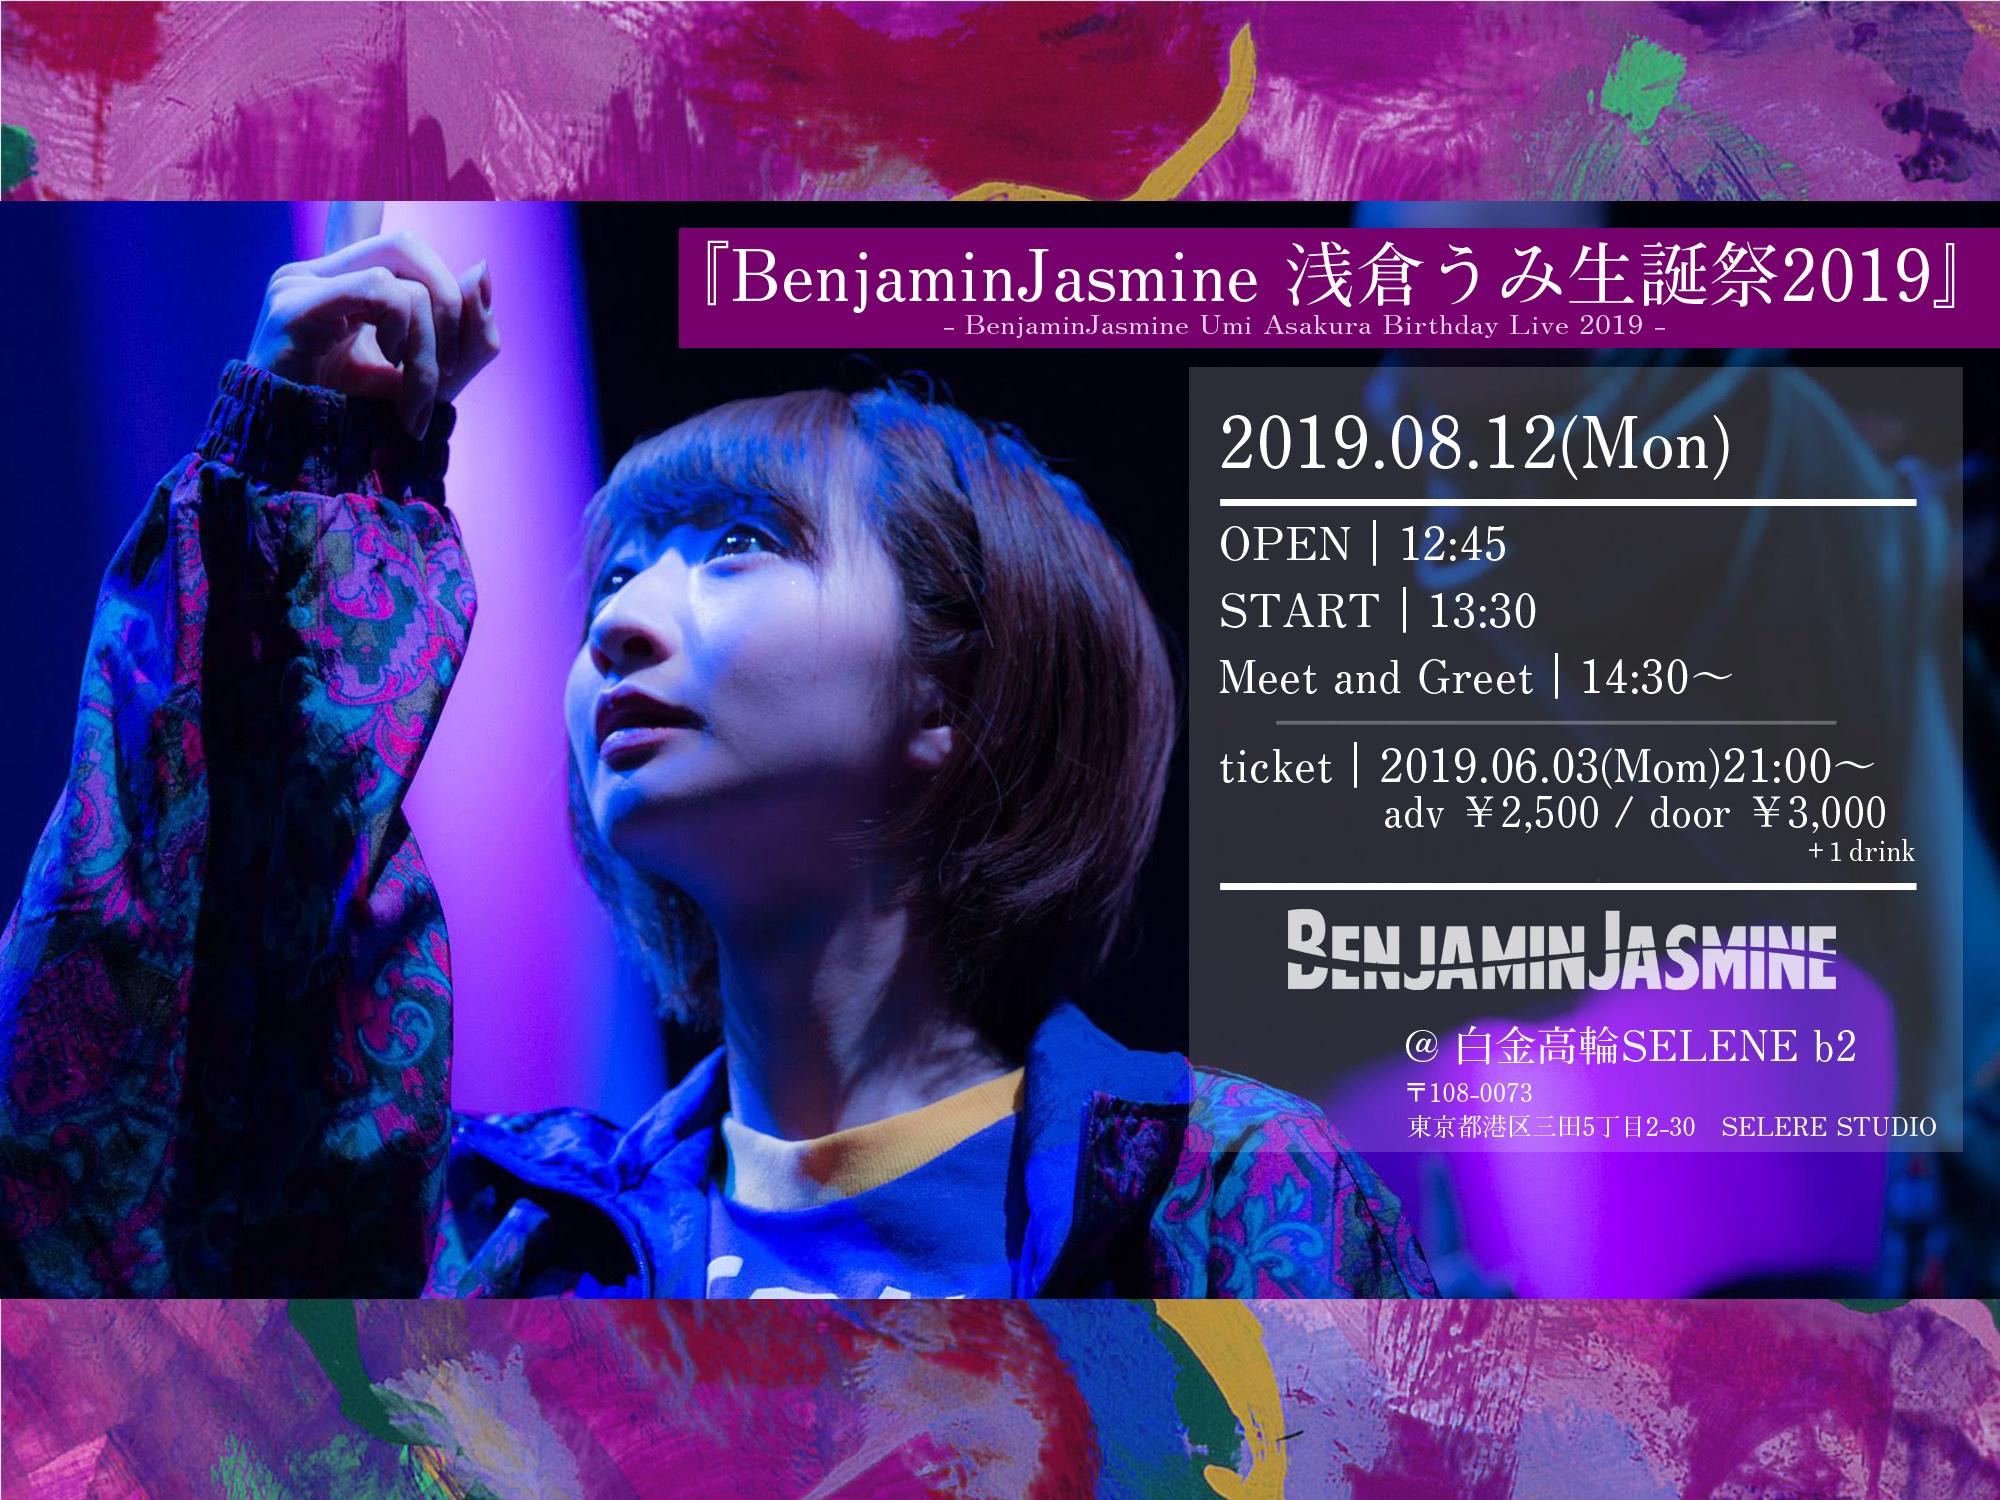 8月12日(月・振替)『BenjaminJasmine浅倉うみ生誕祭2019』